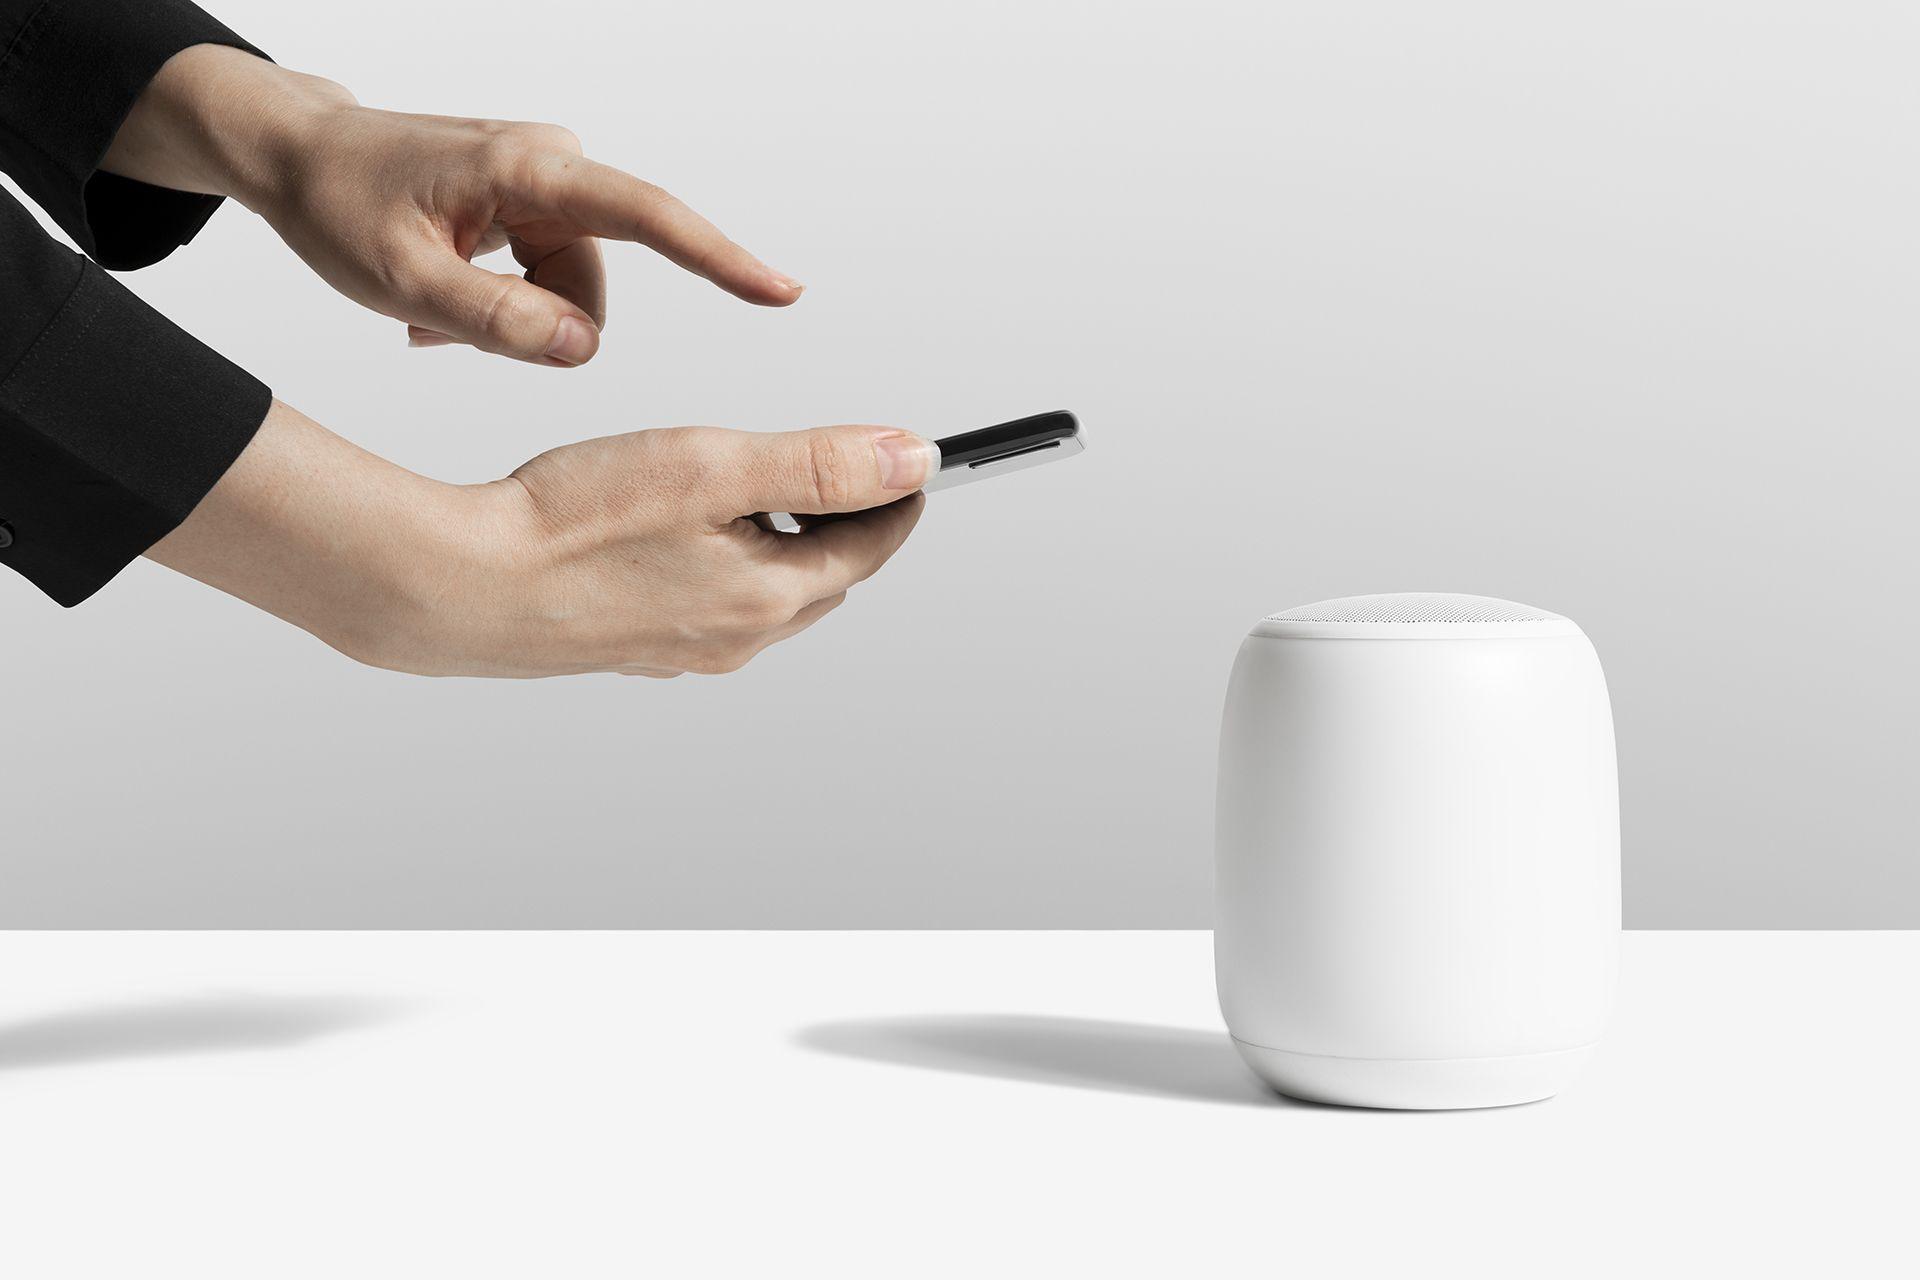 Aplicaciones tecnológicas para hacer tu hogar más cómodo